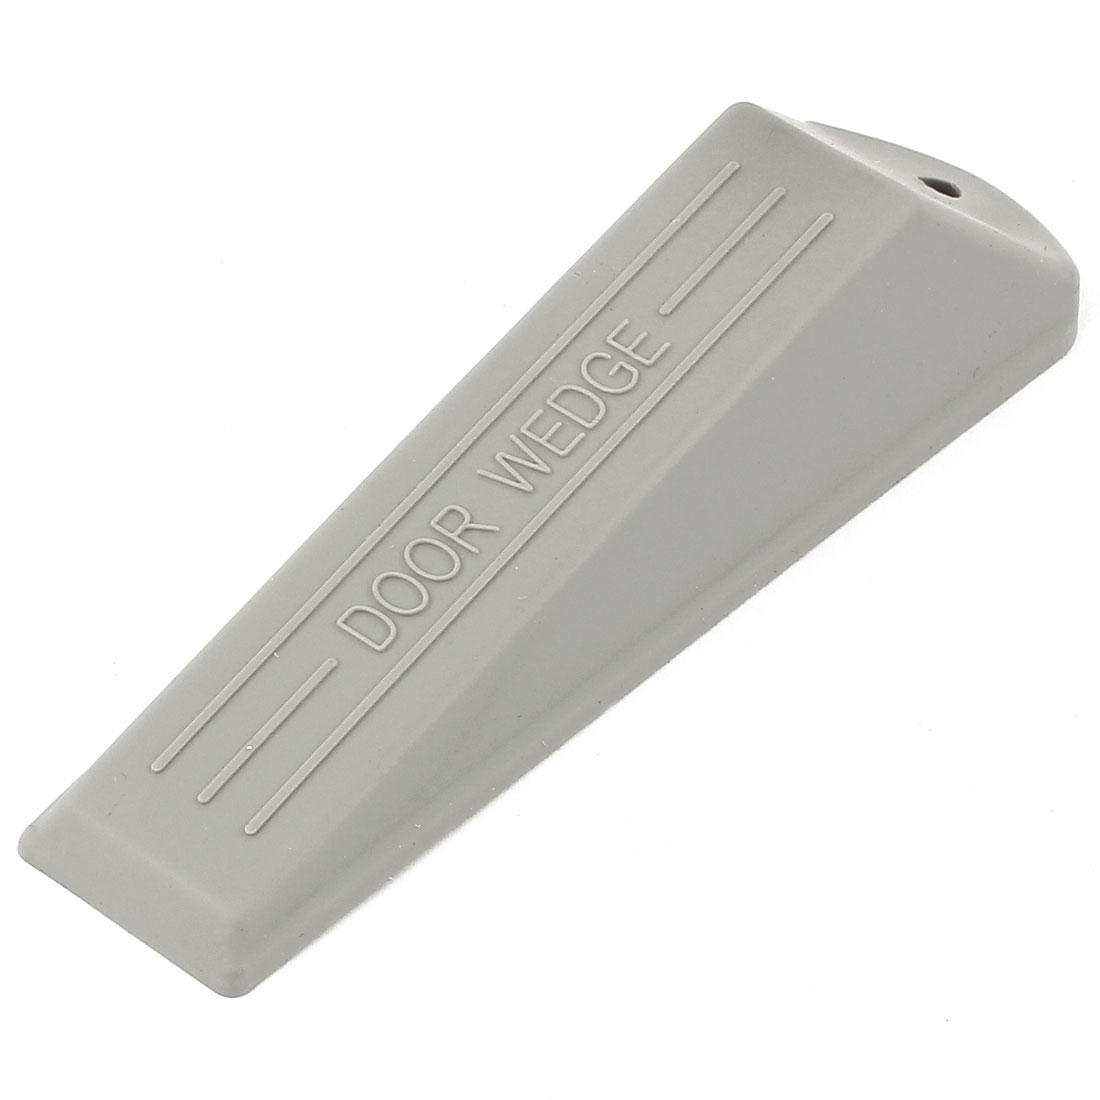 Home Office Safety Rubber Door Stop Stopper Doorstop Wedge Block Gray